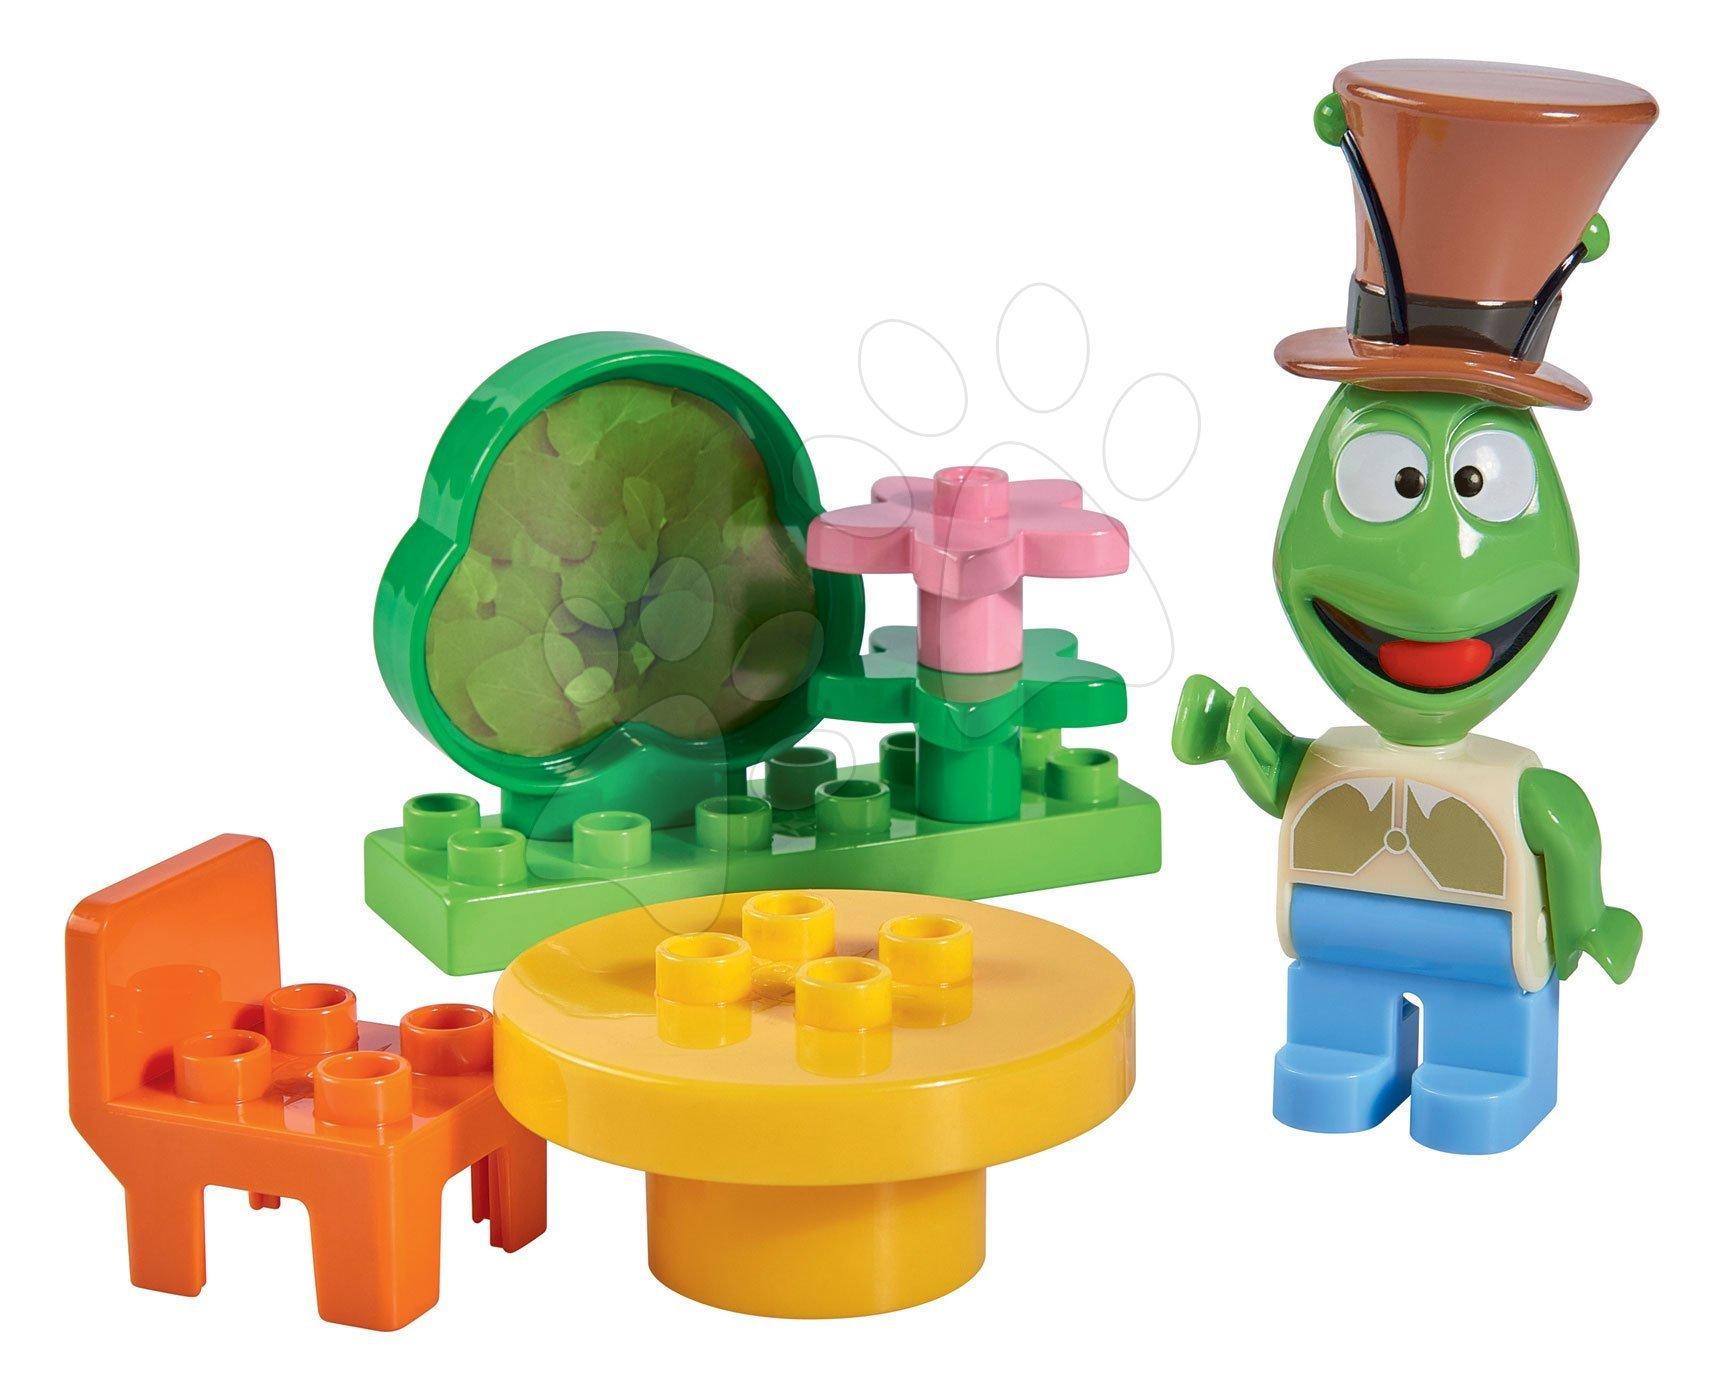 Stavebnice Včelka Mája - Cvrček Flip v obýváku PlayBIG Bloxx 1 figurka a 6-7 dílů od 24 měsíců